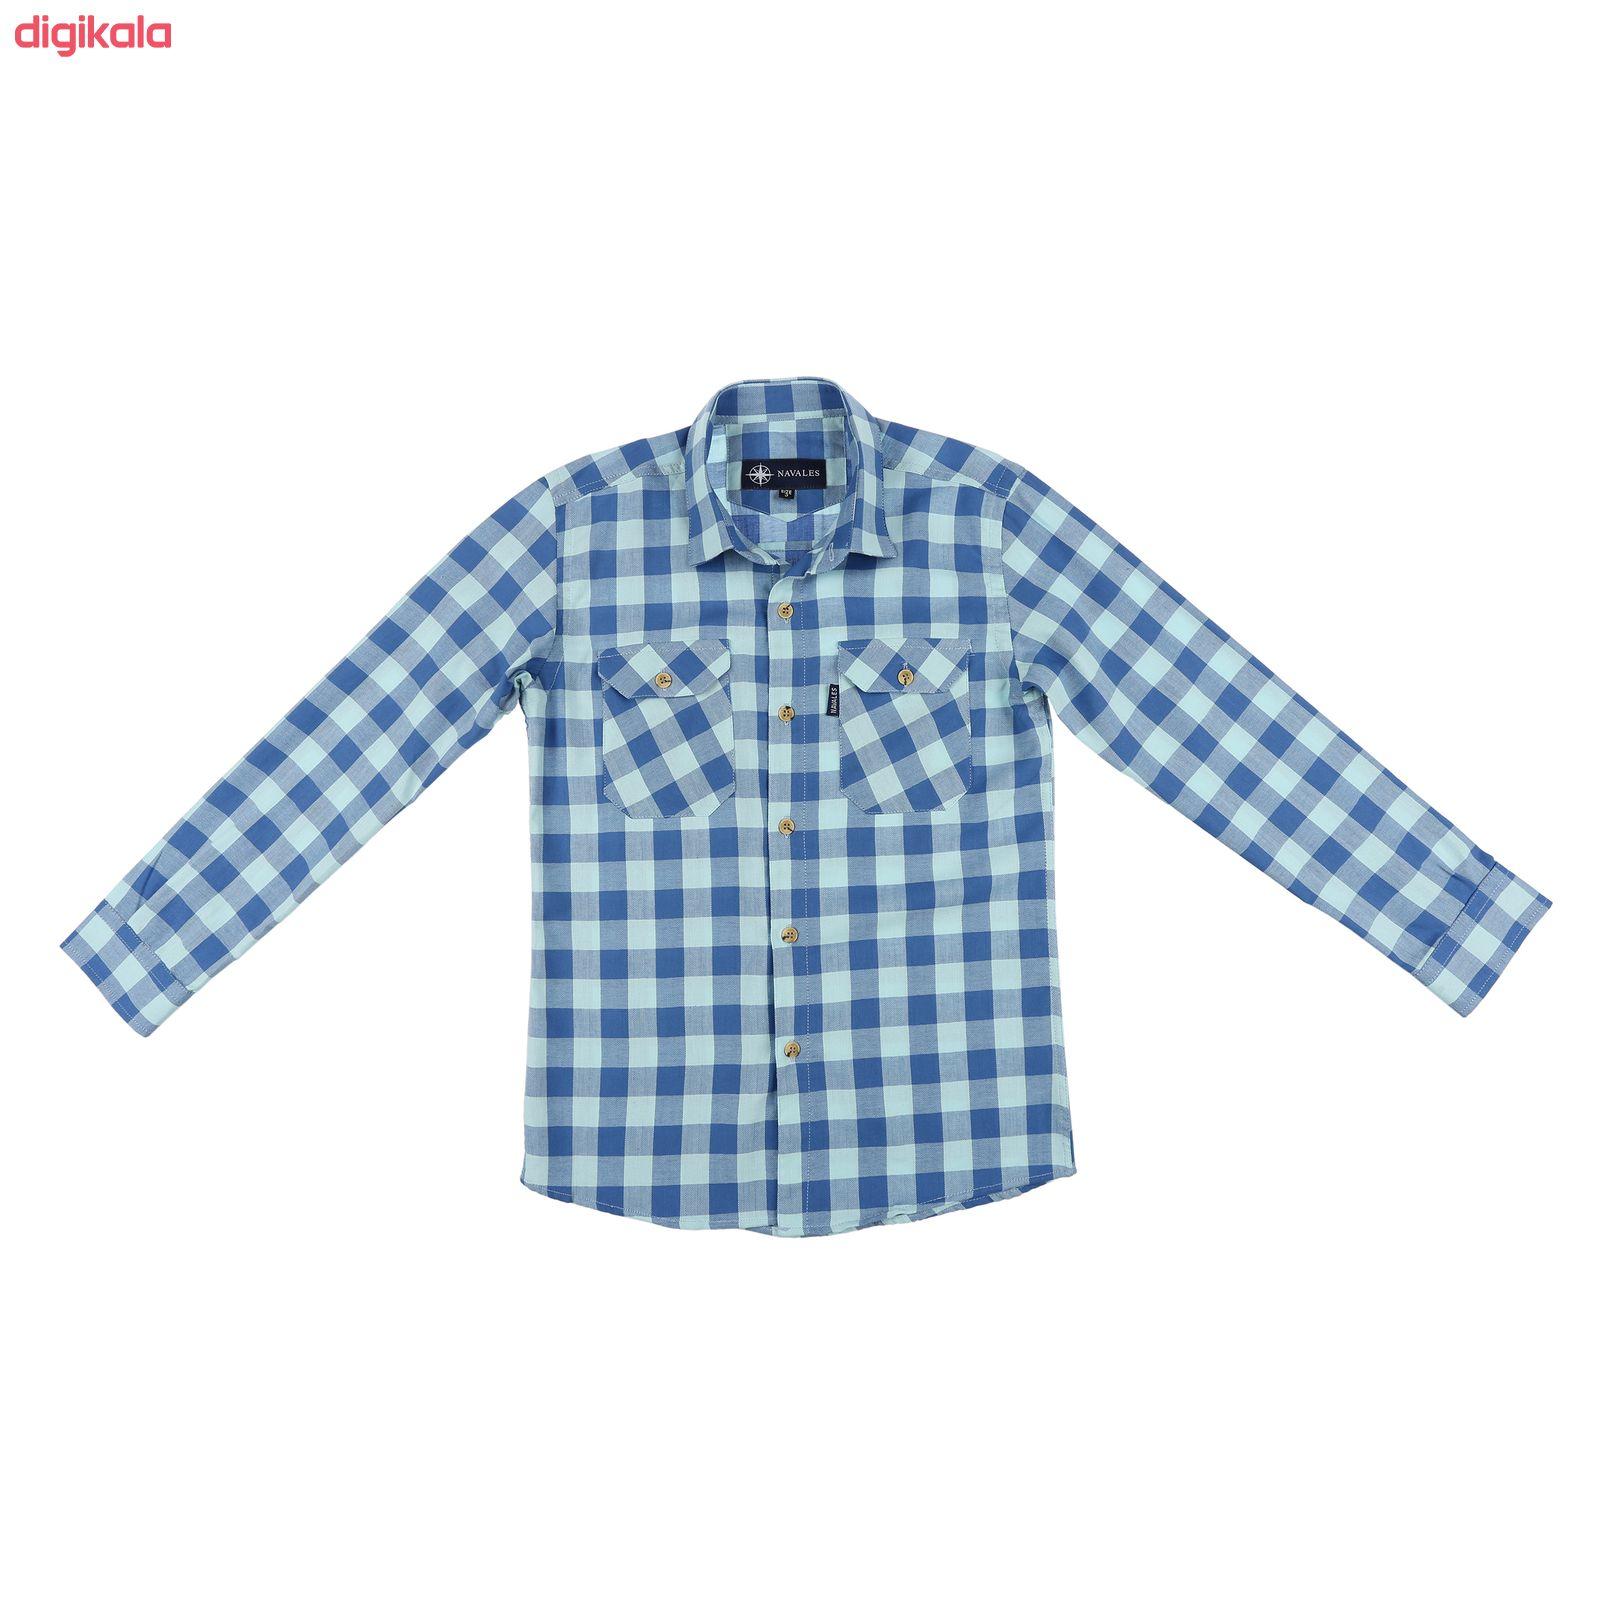 پیراهن پسرانه ناوالس کد D-20119-BL main 1 1